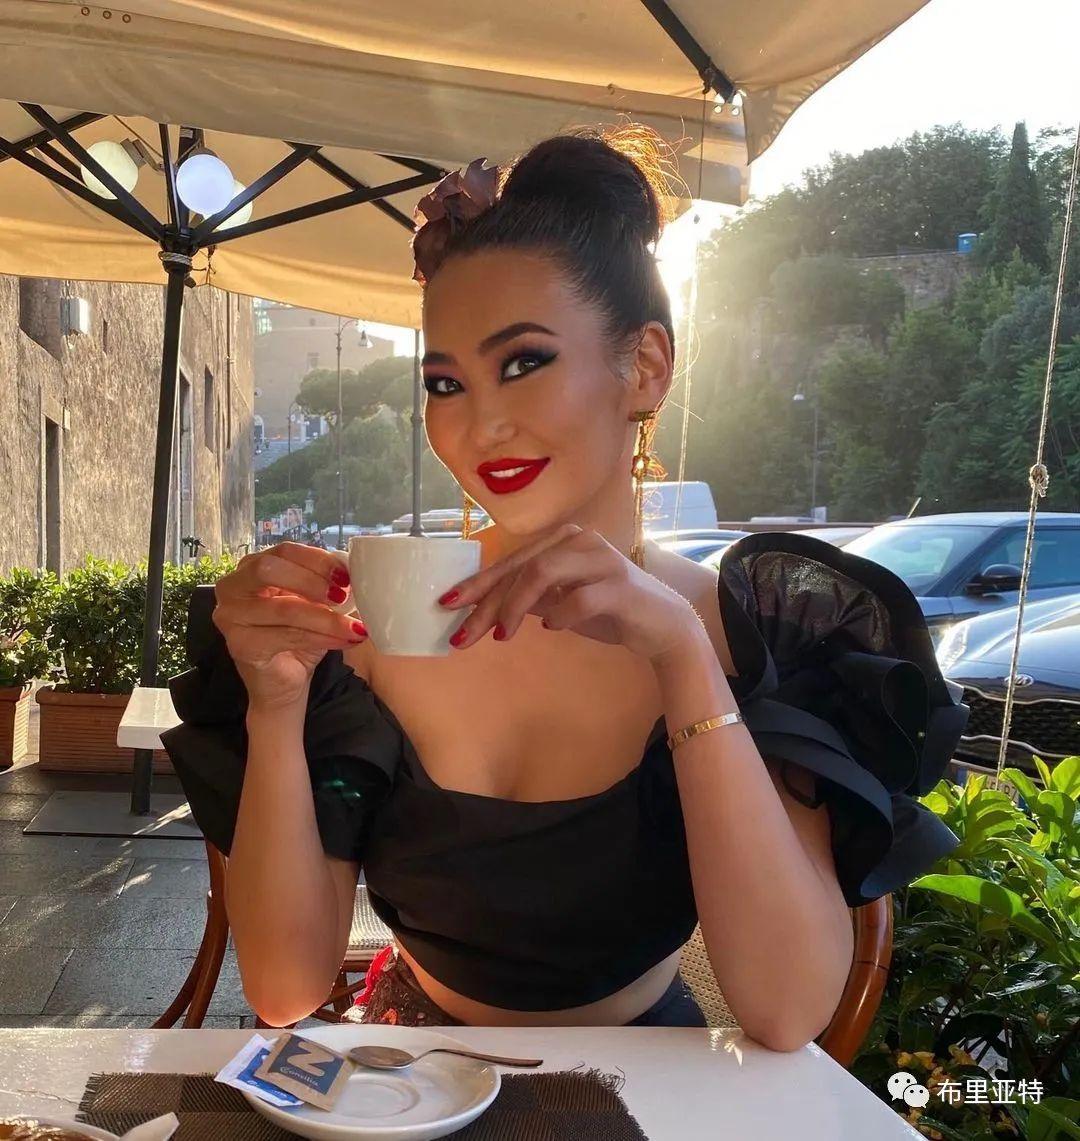 曾是上海的蒙古名媛,30岁即将参加地球小姐选美大赛 第24张 曾是上海的蒙古名媛,30岁即将参加地球小姐选美大赛 蒙古文化